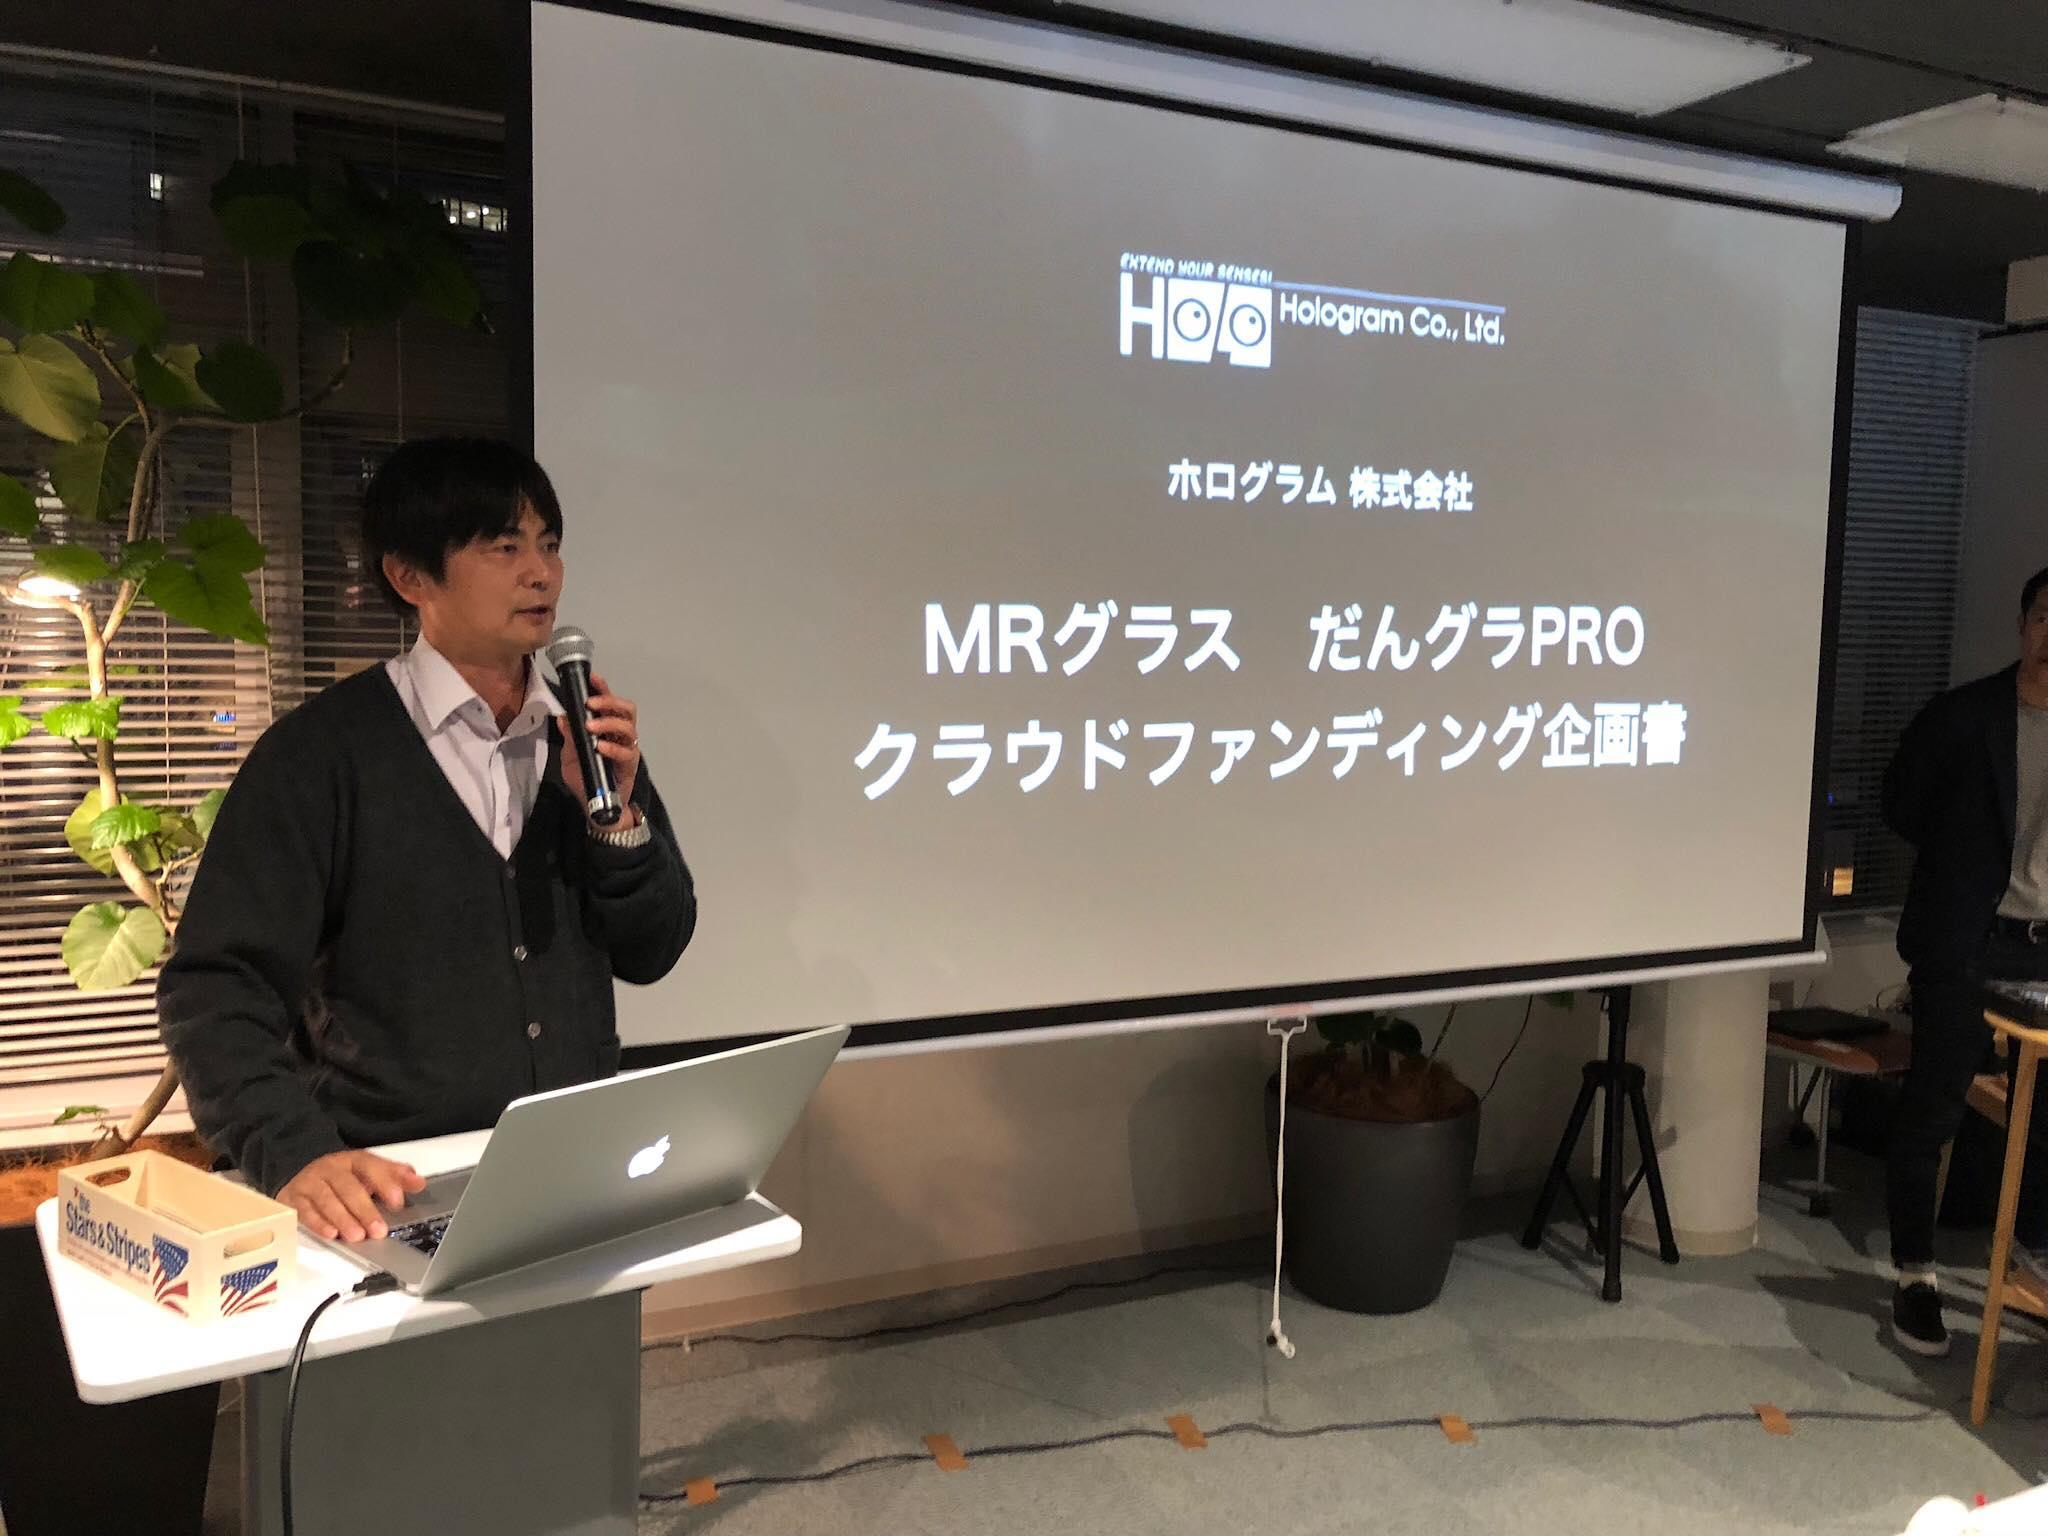 大阪 Club Startup 2018/10/31 に参加しました。